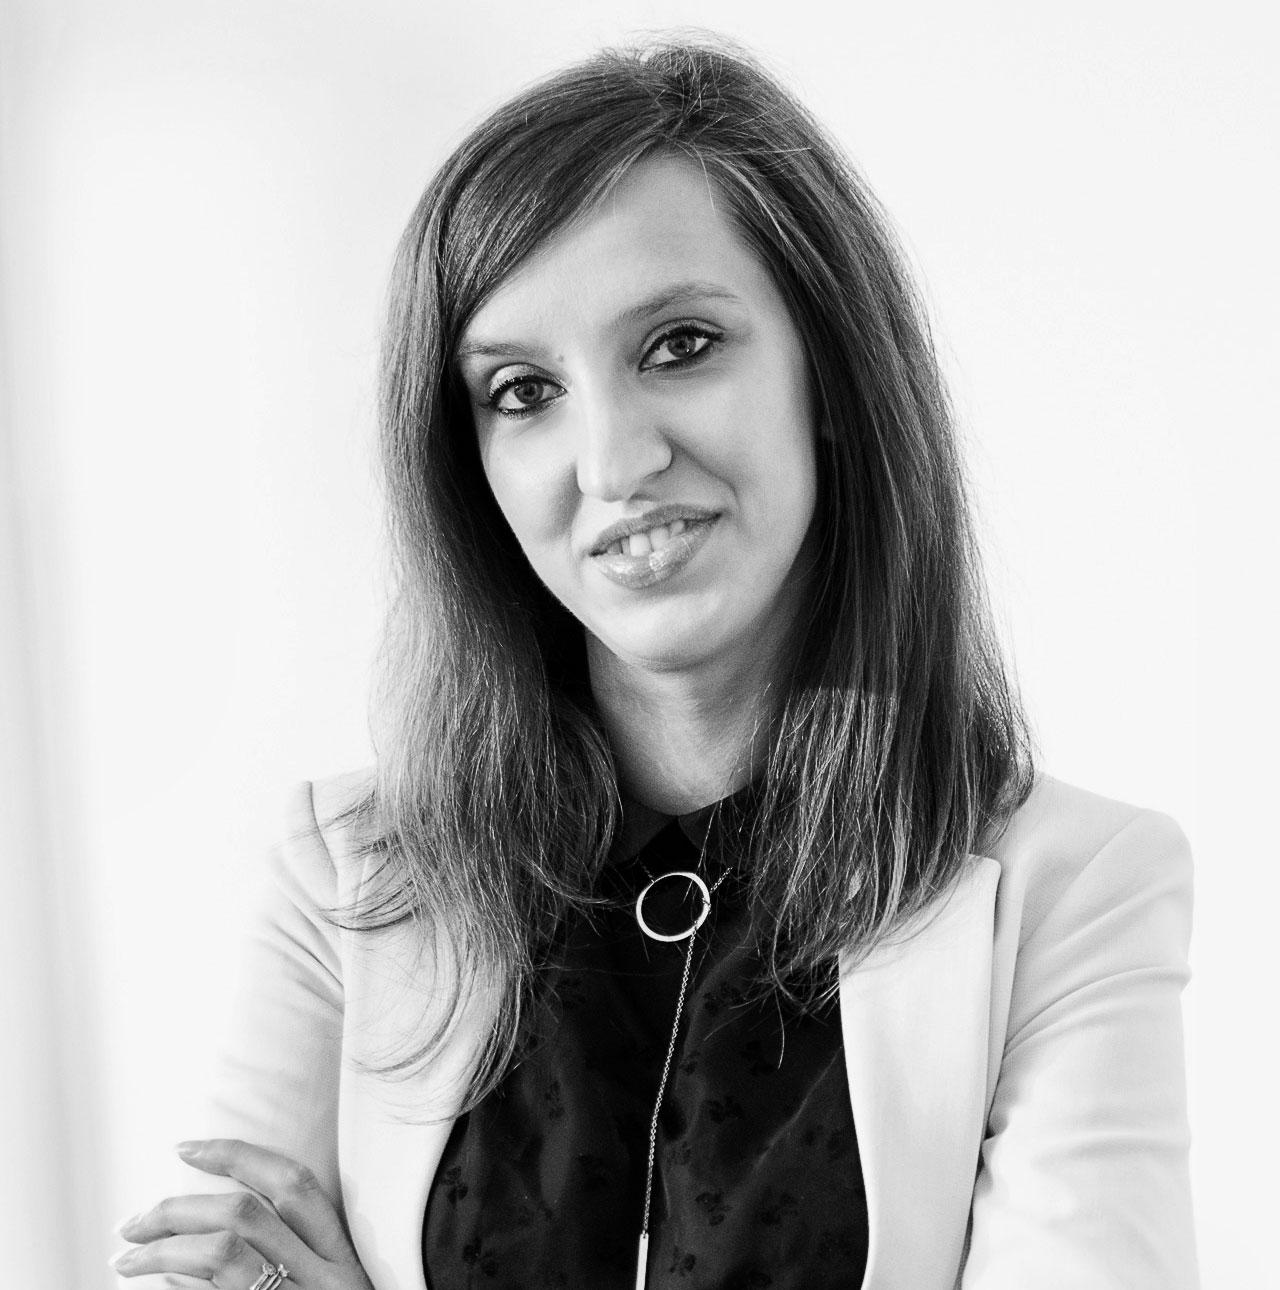 Adwokat Patrycja Kaczor